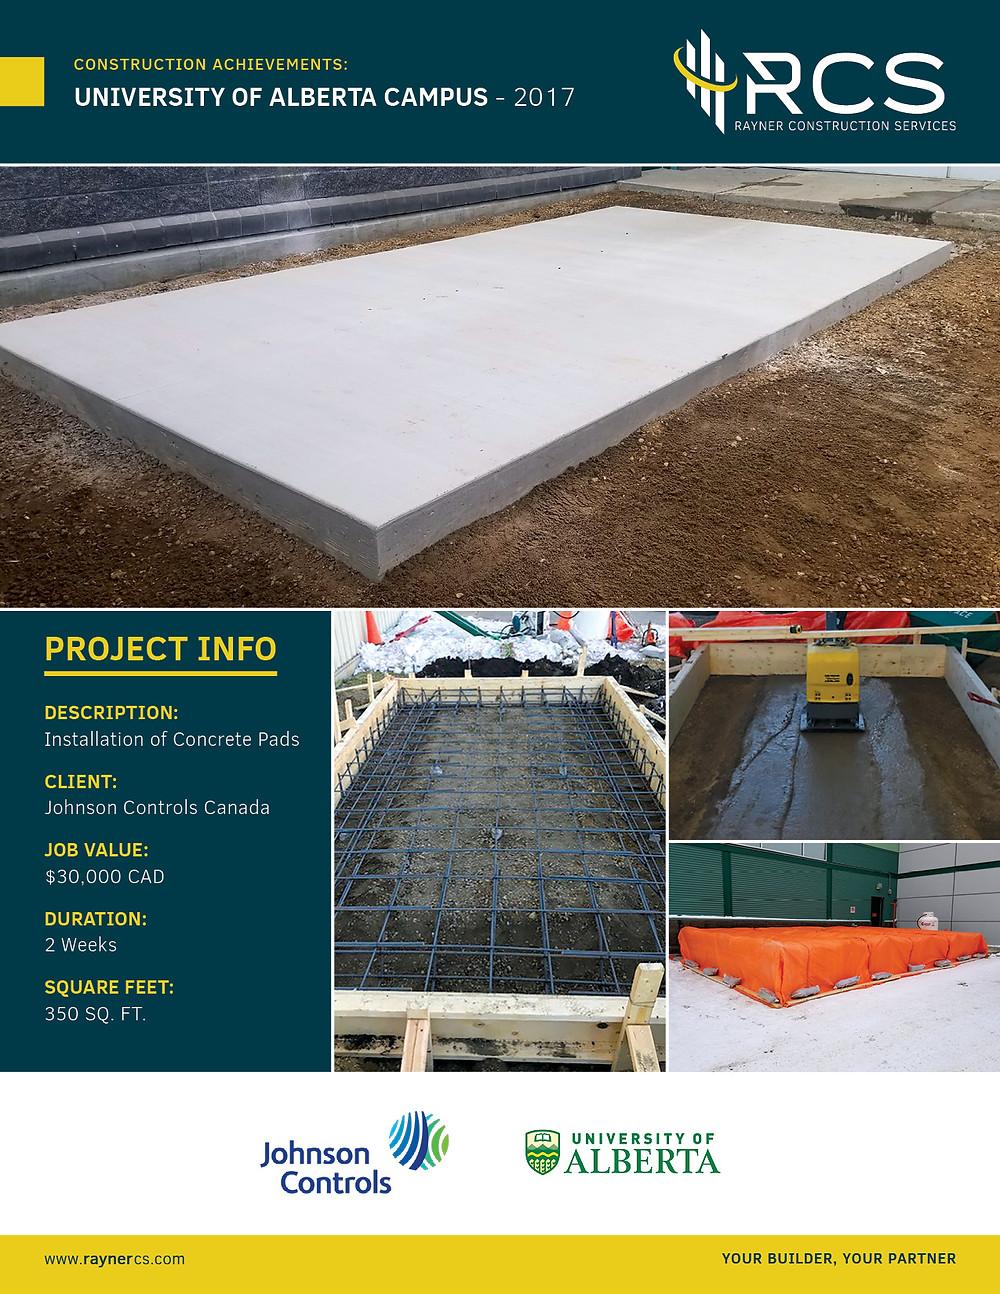 CONSTRUCTION ACHIEVEMENTS: